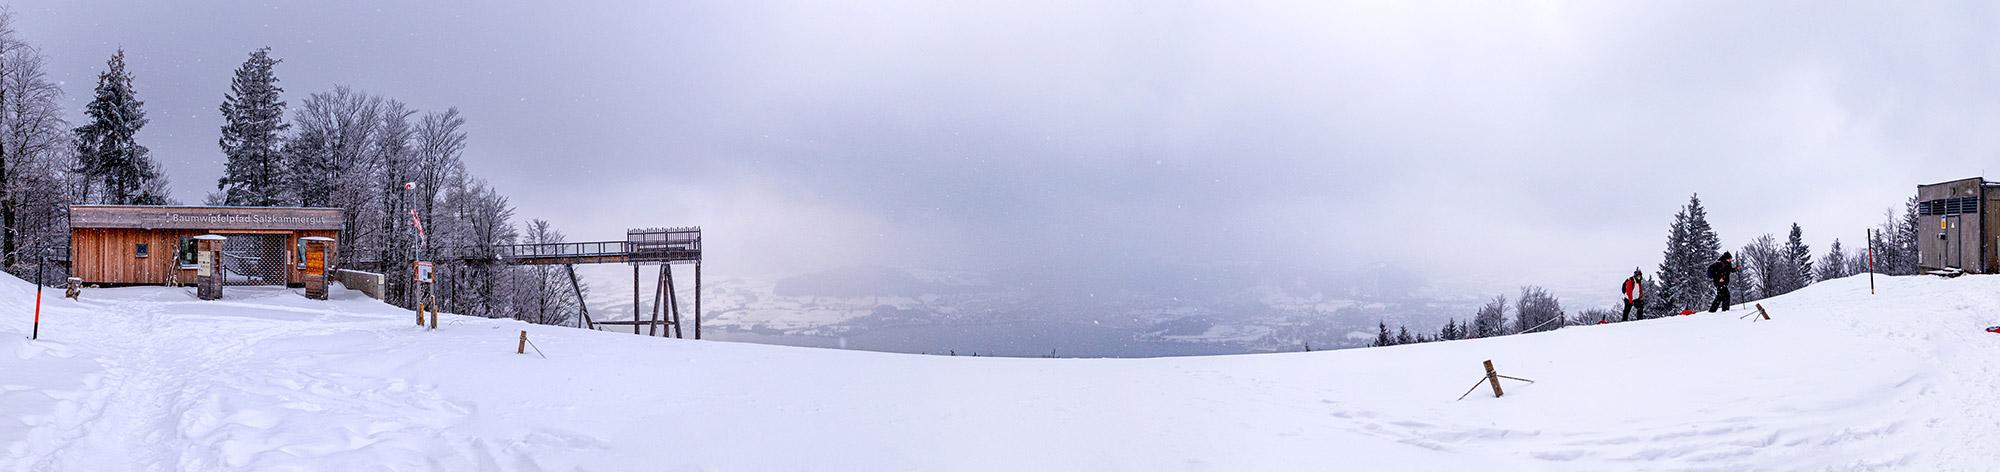 Panoramablick auf den Traunsee vom der Bergstation des Grünbergs aus